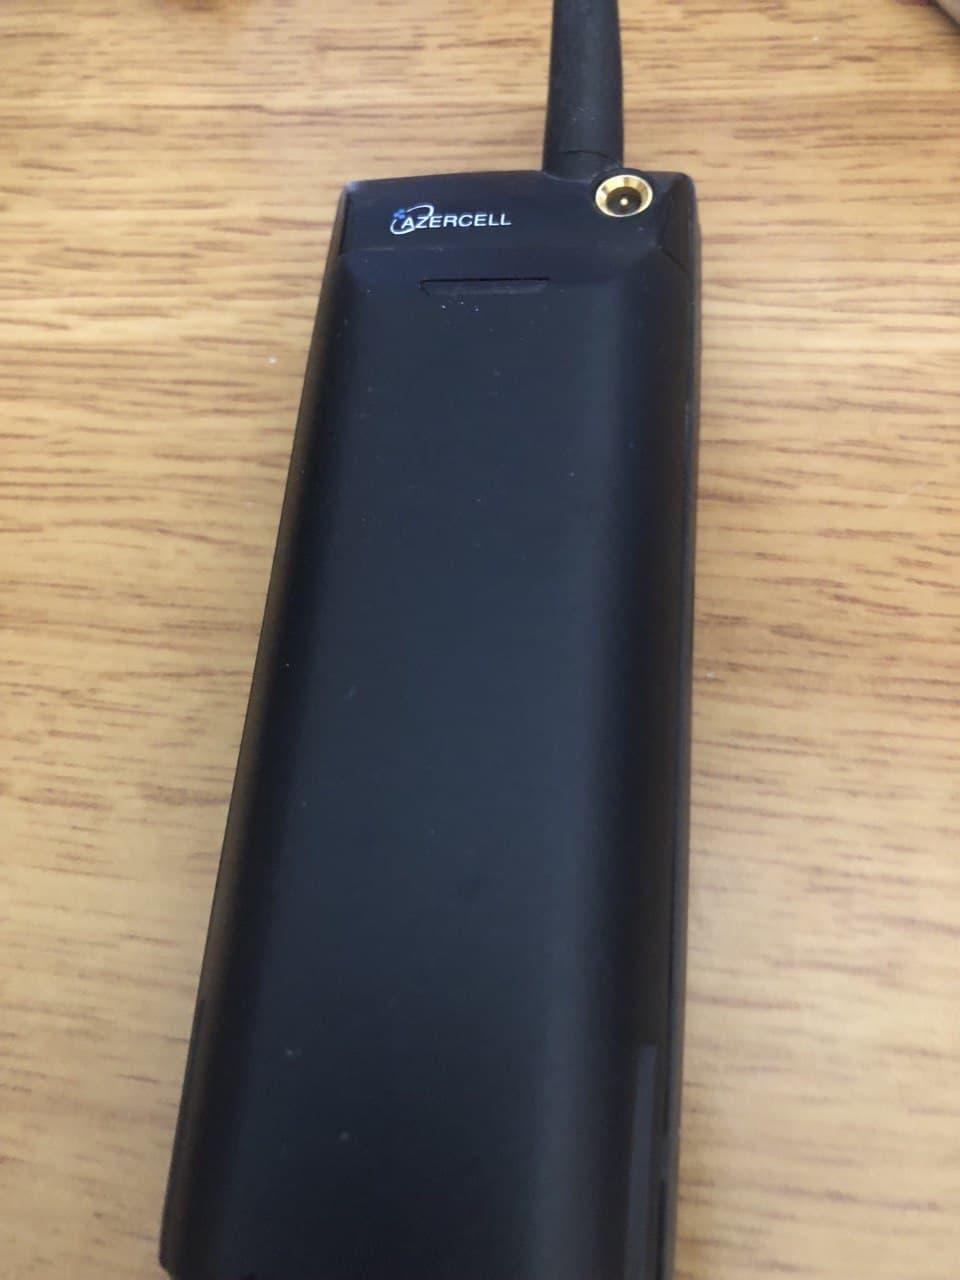 Привет из 1998 года: мобильный телефон Ericsson SH888 - 3